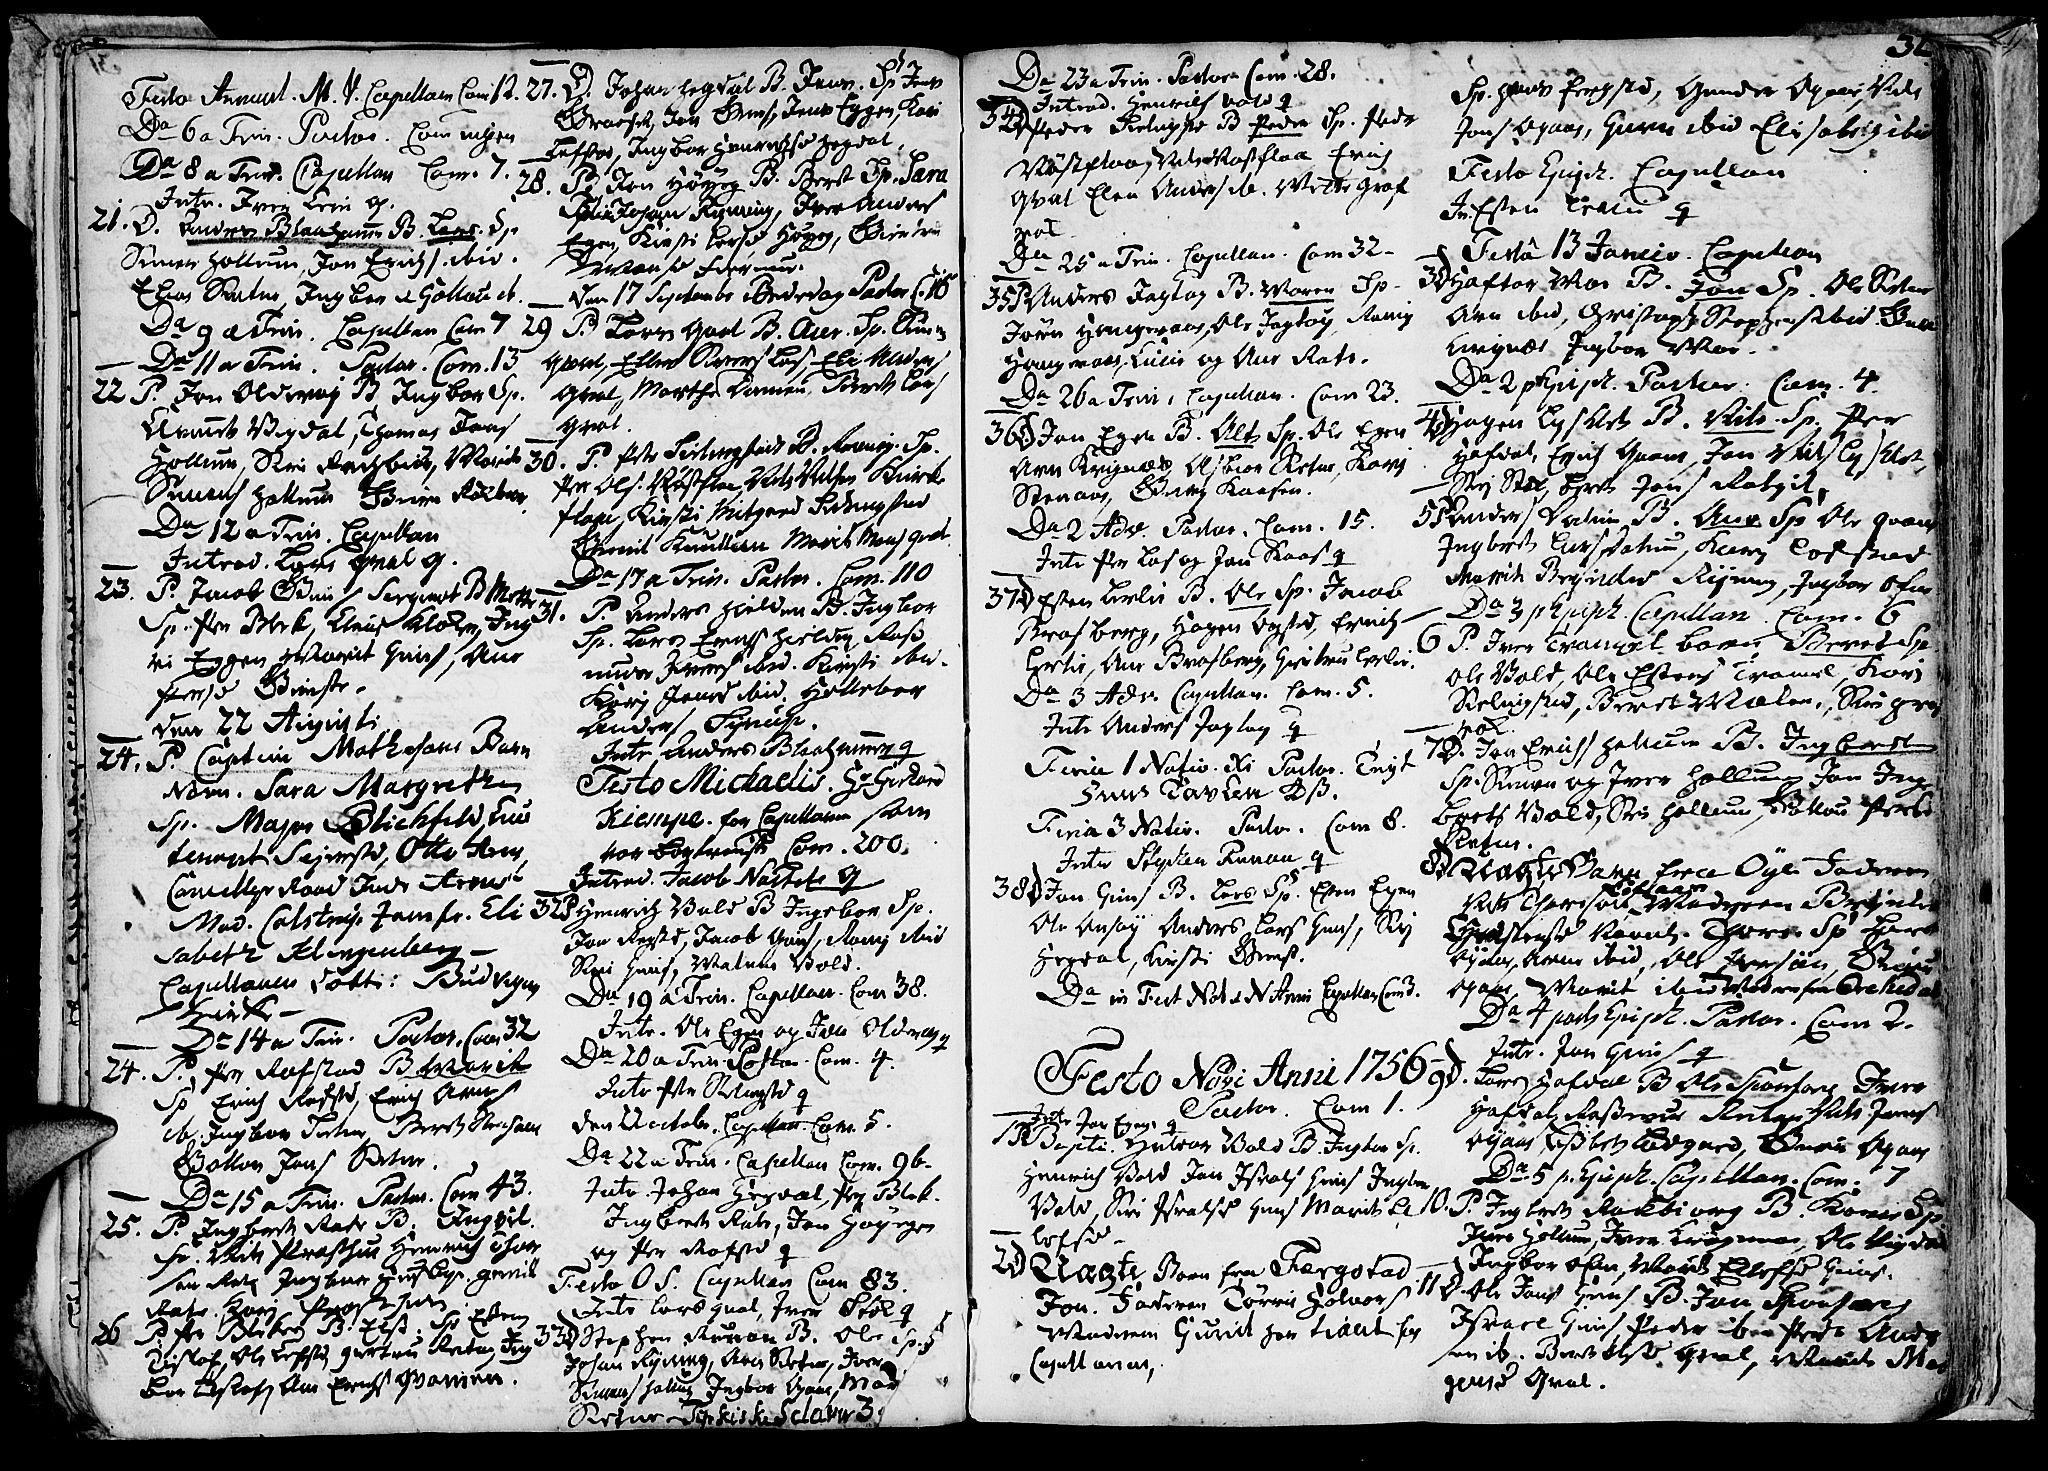 SAT, Ministerialprotokoller, klokkerbøker og fødselsregistre - Sør-Trøndelag, 691/L1057: Ministerialbok nr. 691A01 /1, 1740-1767, s. 32